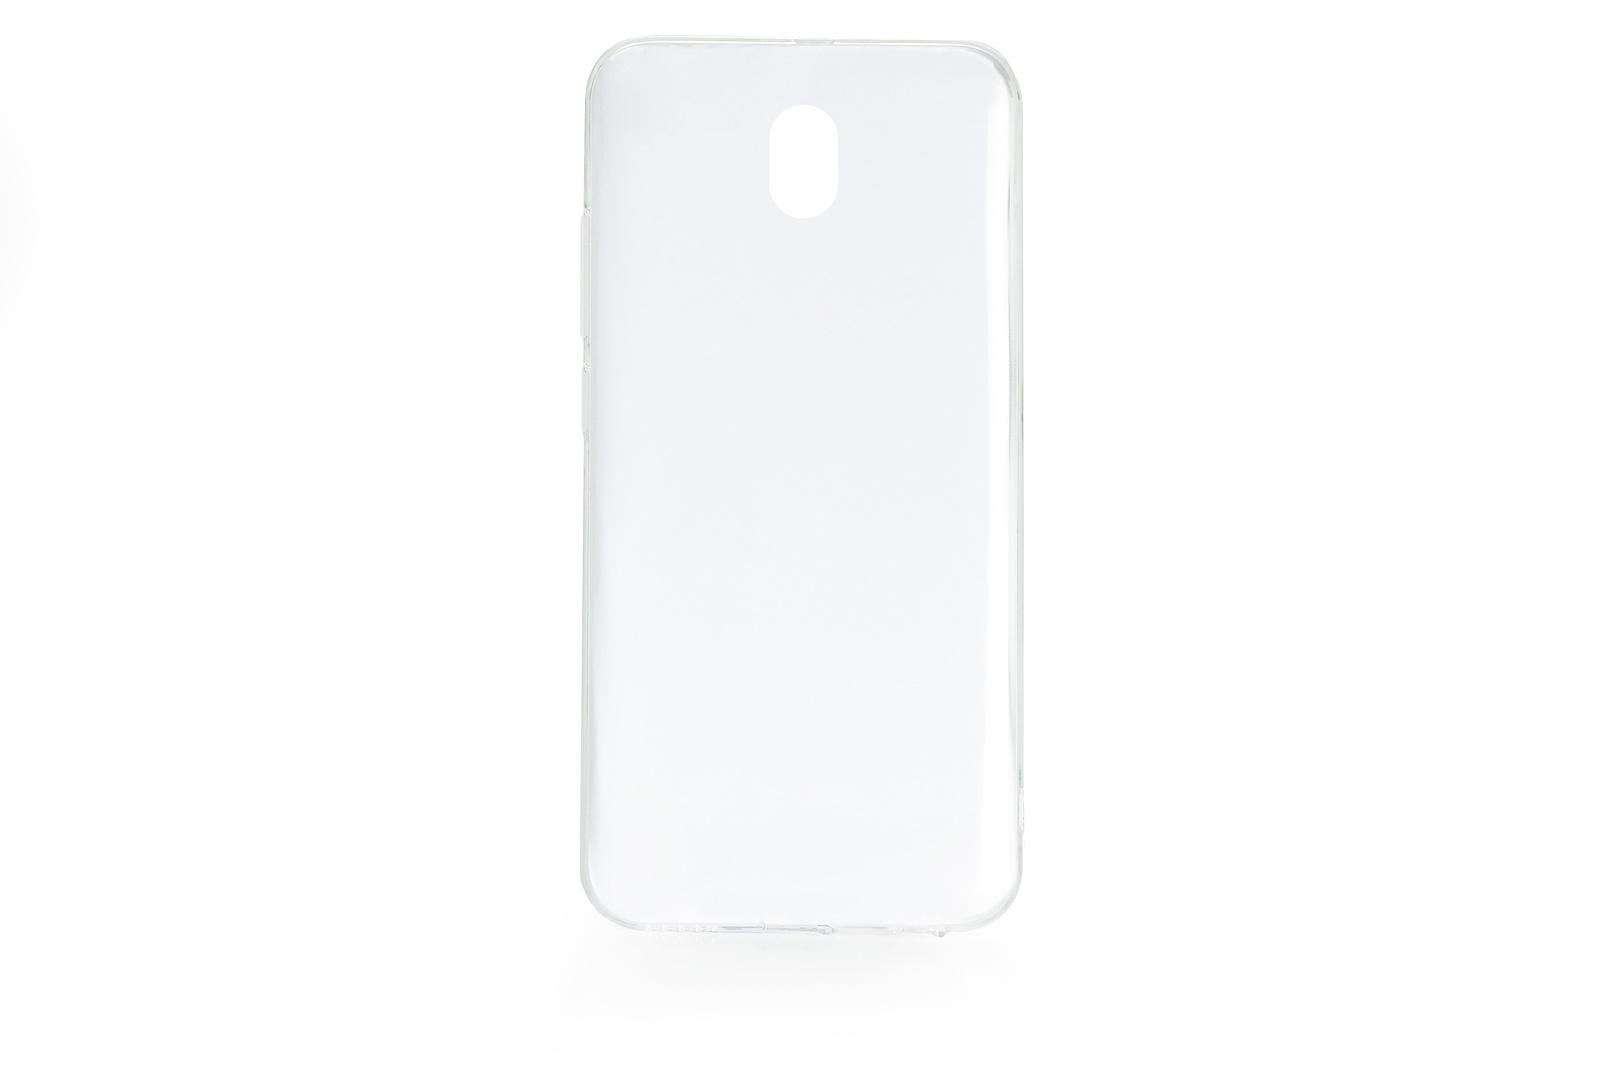 Чехол для сотового телефона Gurdini Чехол накладка силикон высокотехнологичный для Samsung Galaxy J3 (J330) 2017, 904142, прозрачный